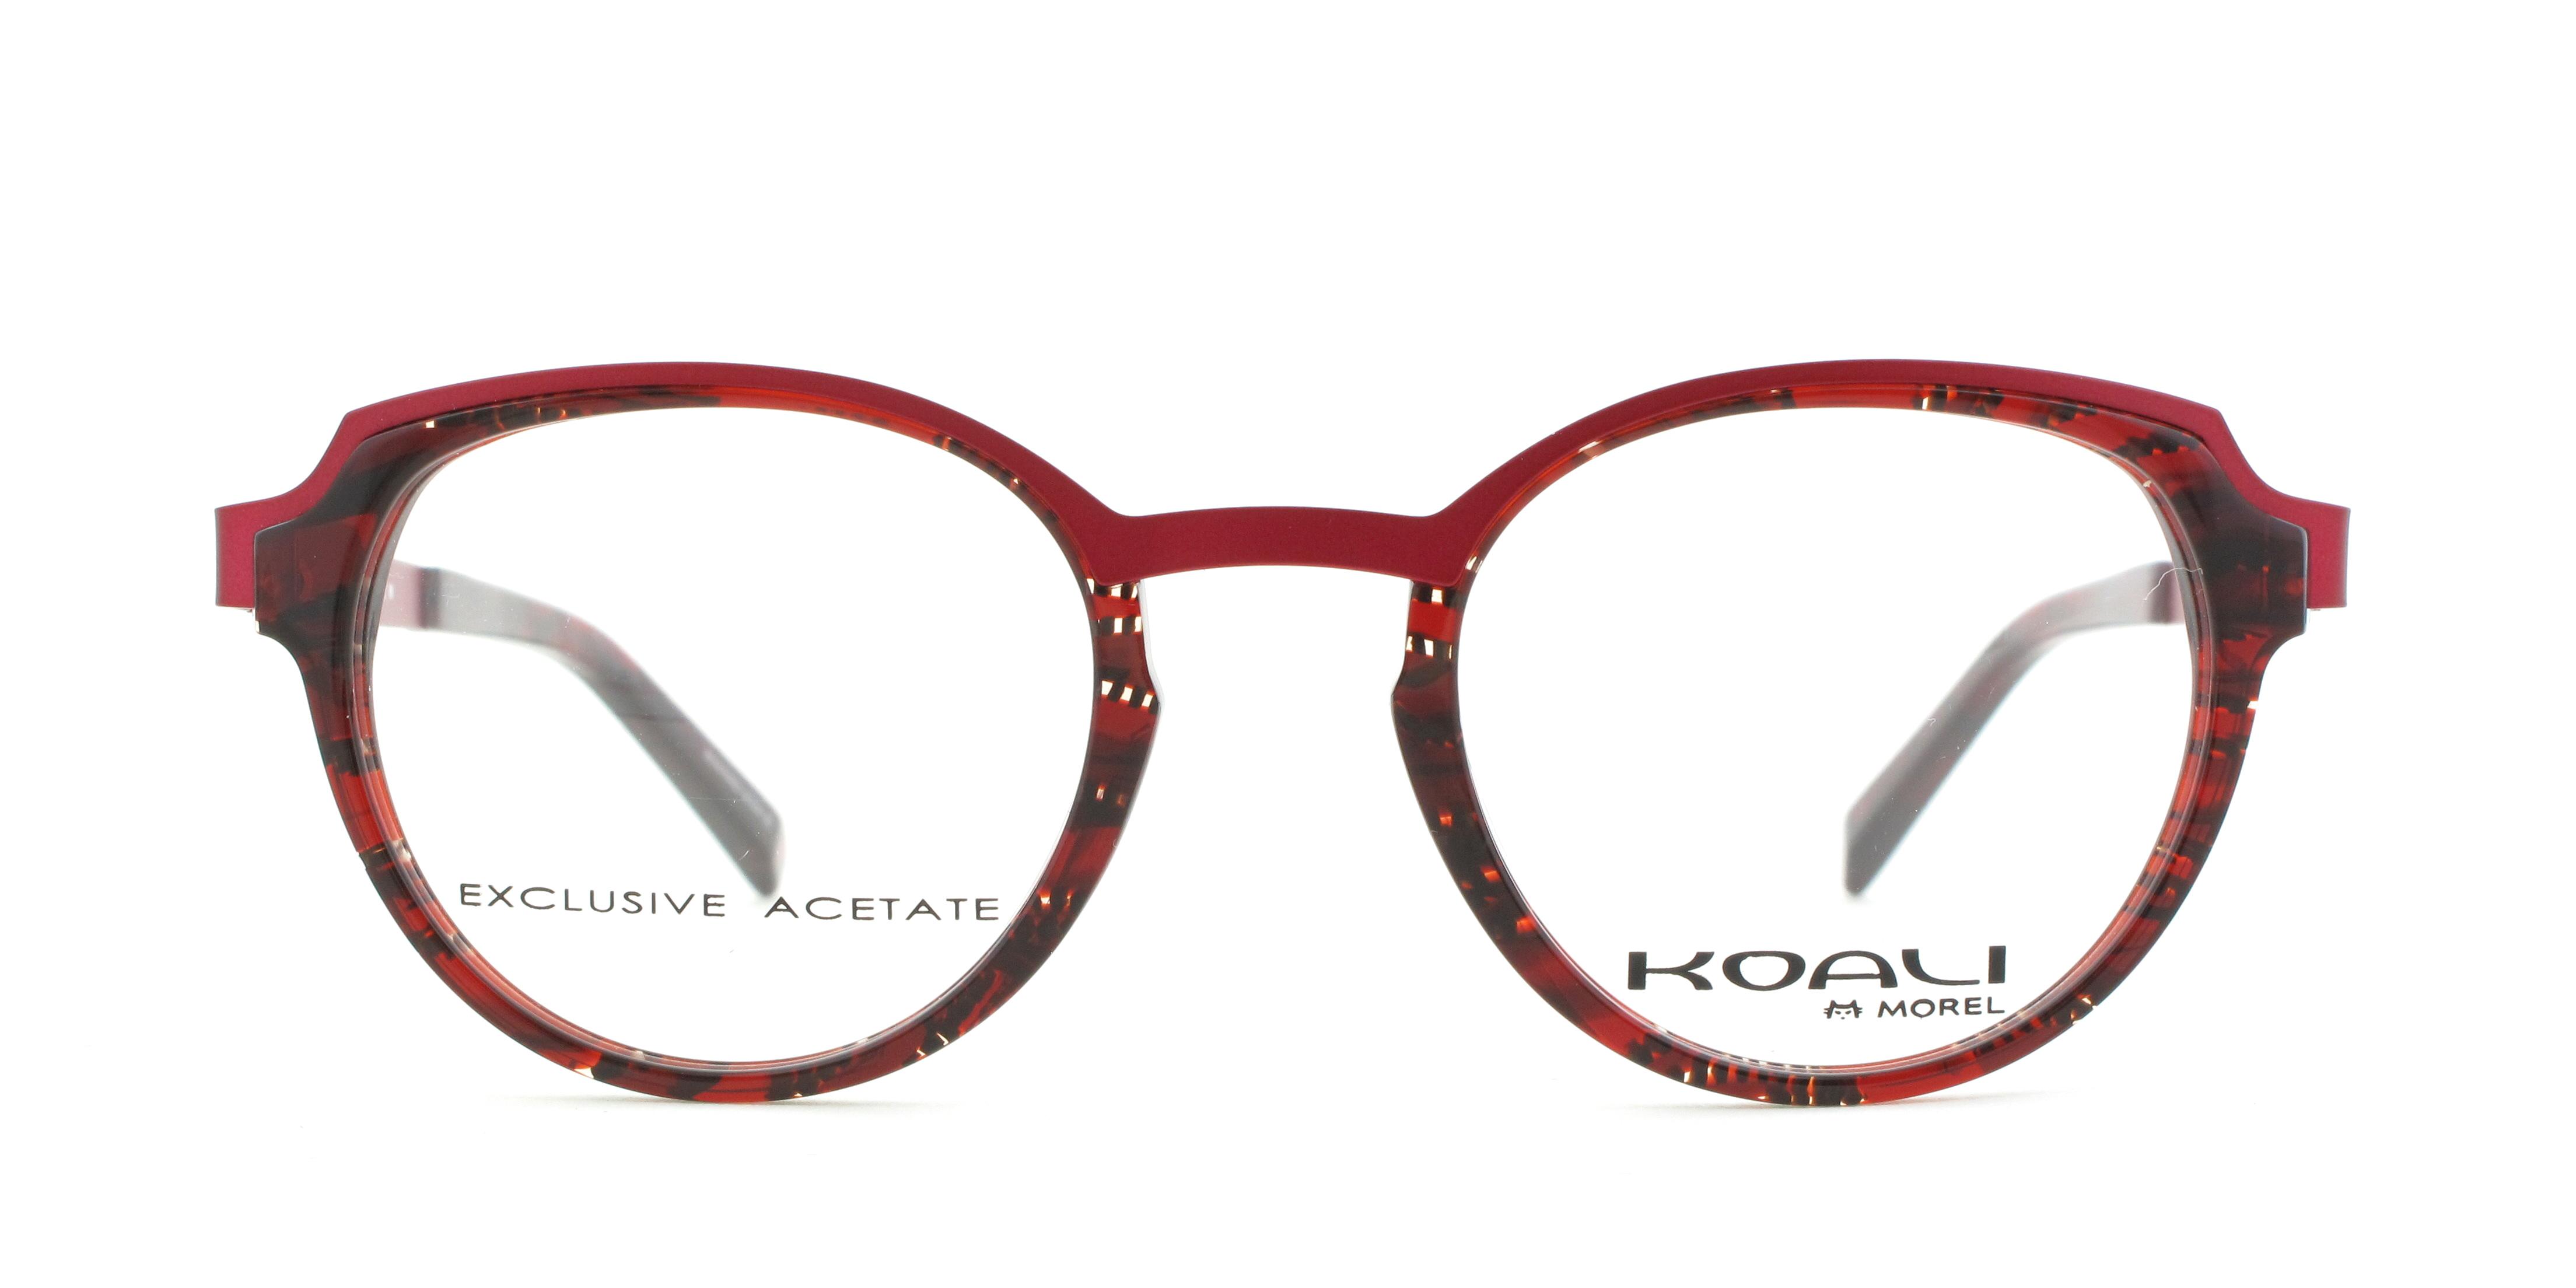 KOALI – MOREL Eyewear USA